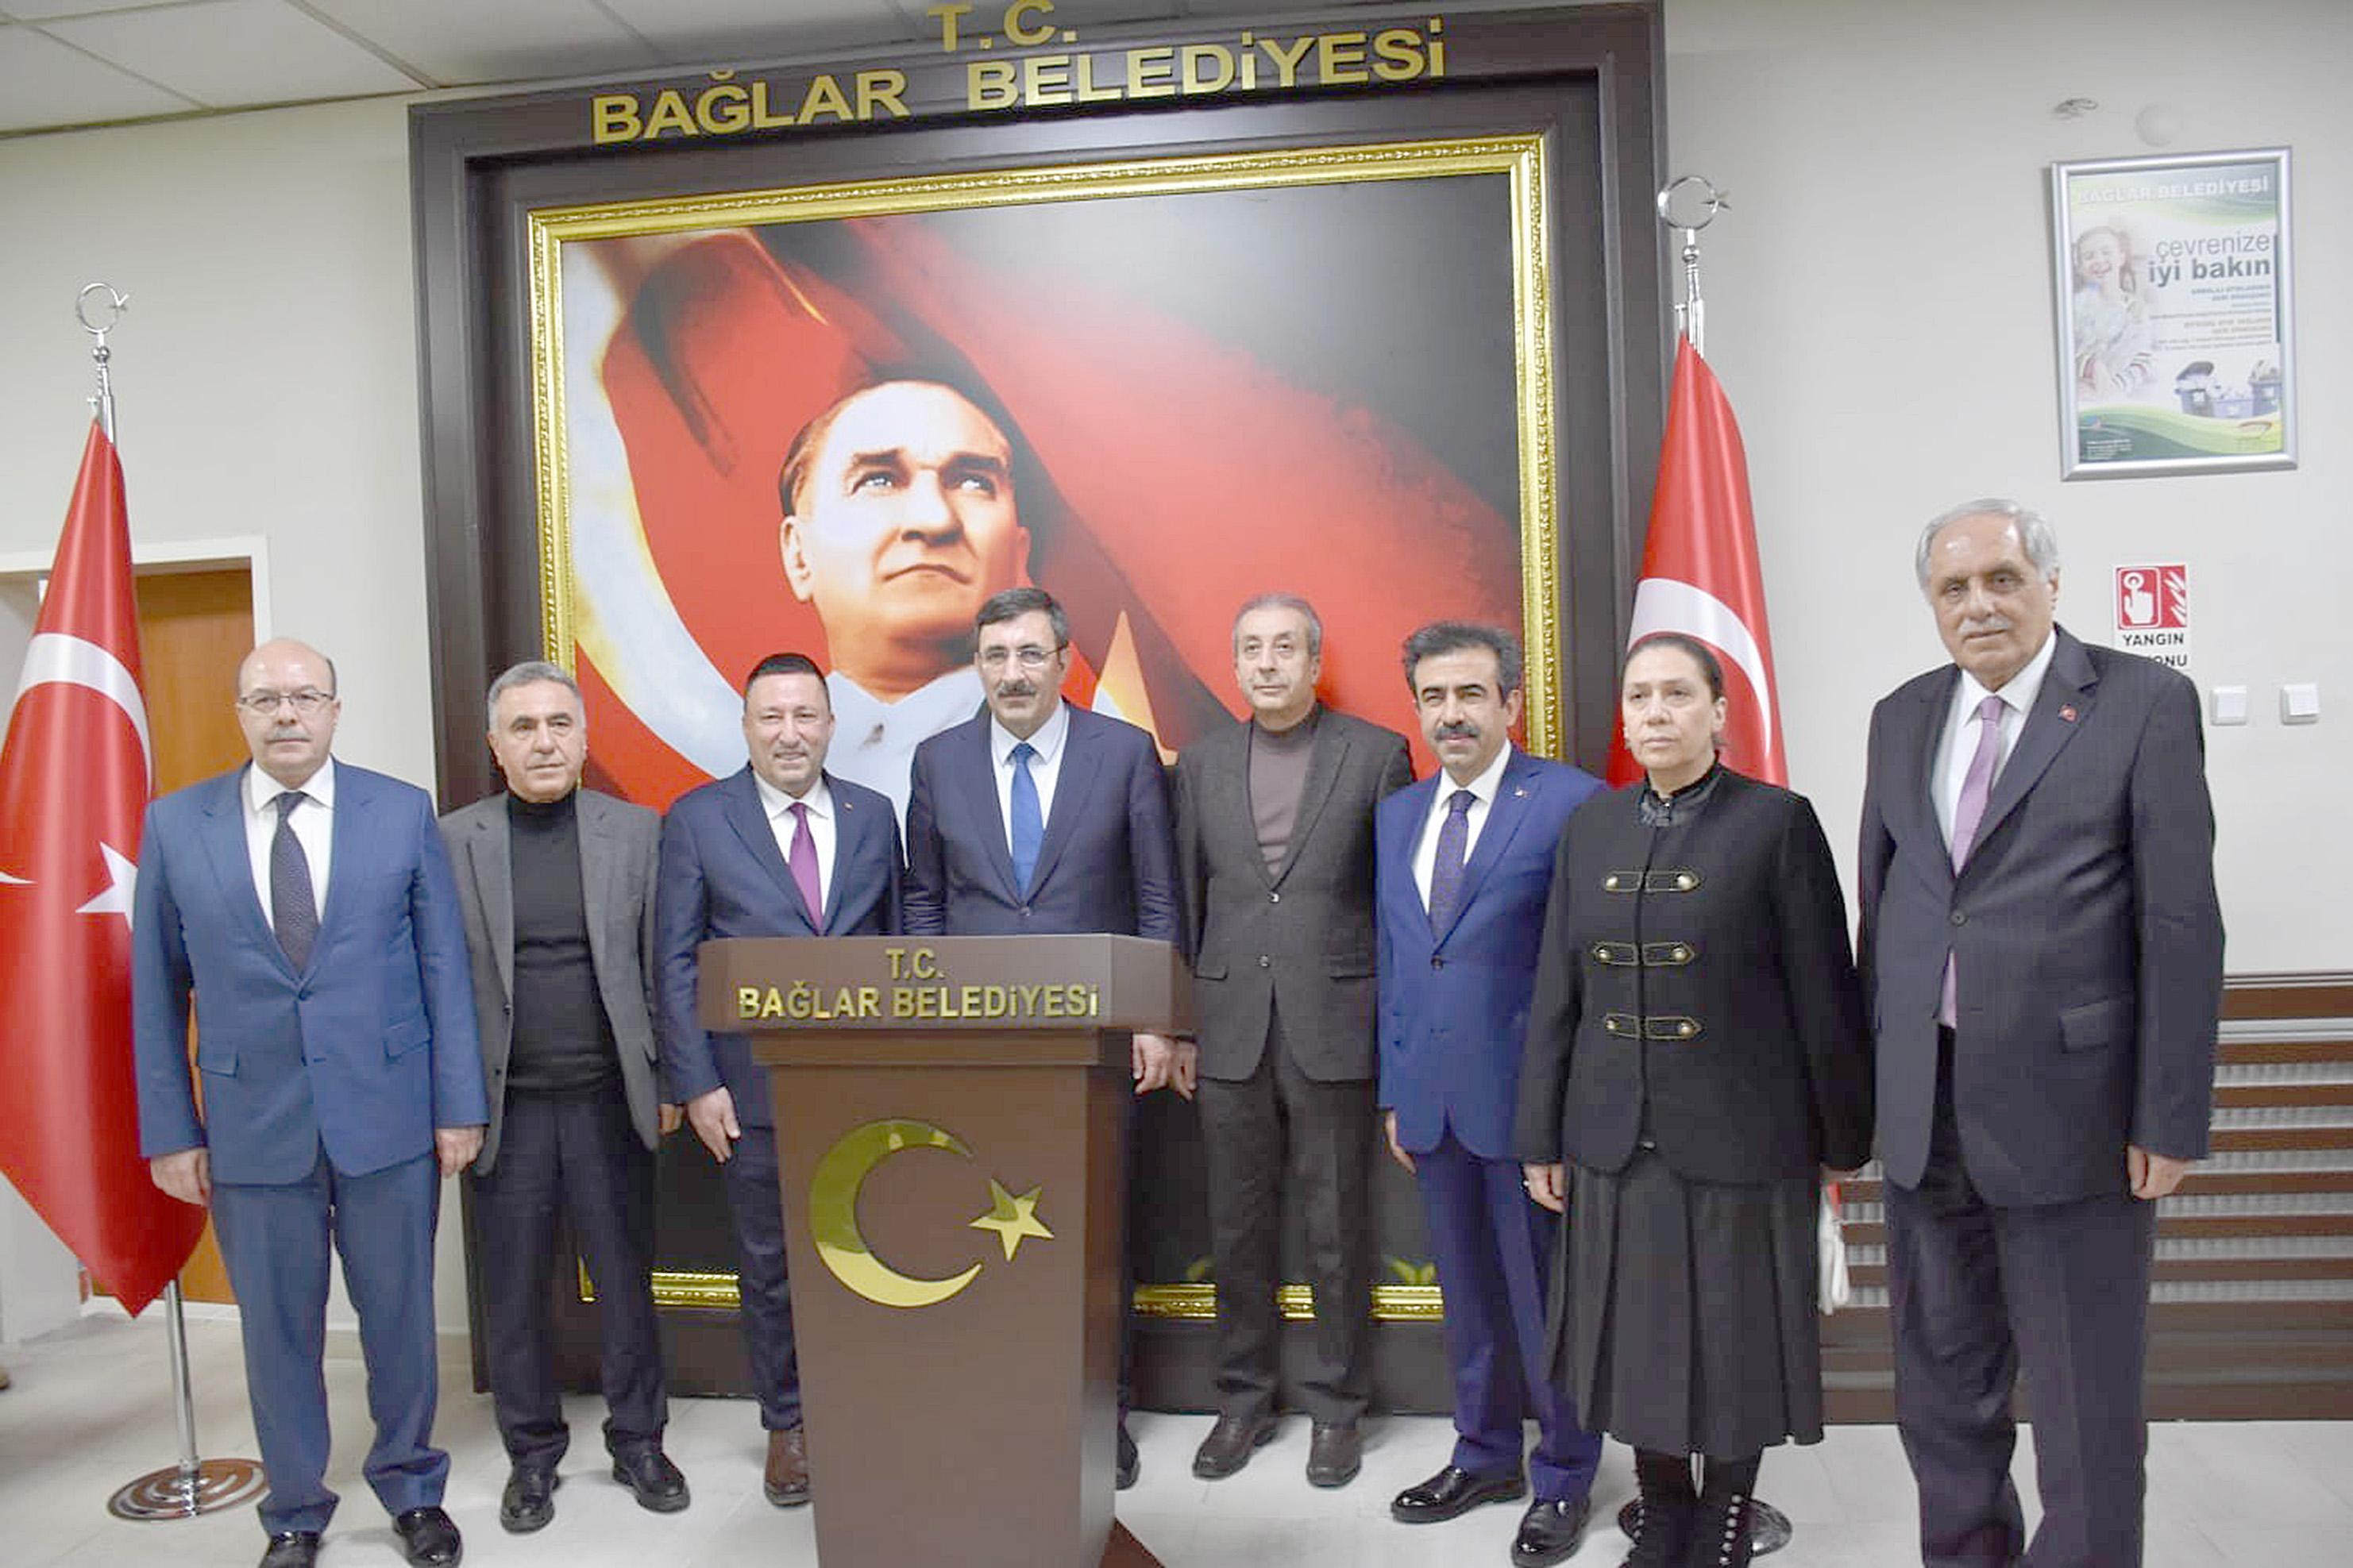 AK Parti Genel Başkan Yardımcısı Yılmaz'dan Başkan Beyoğlu'na ziyaret